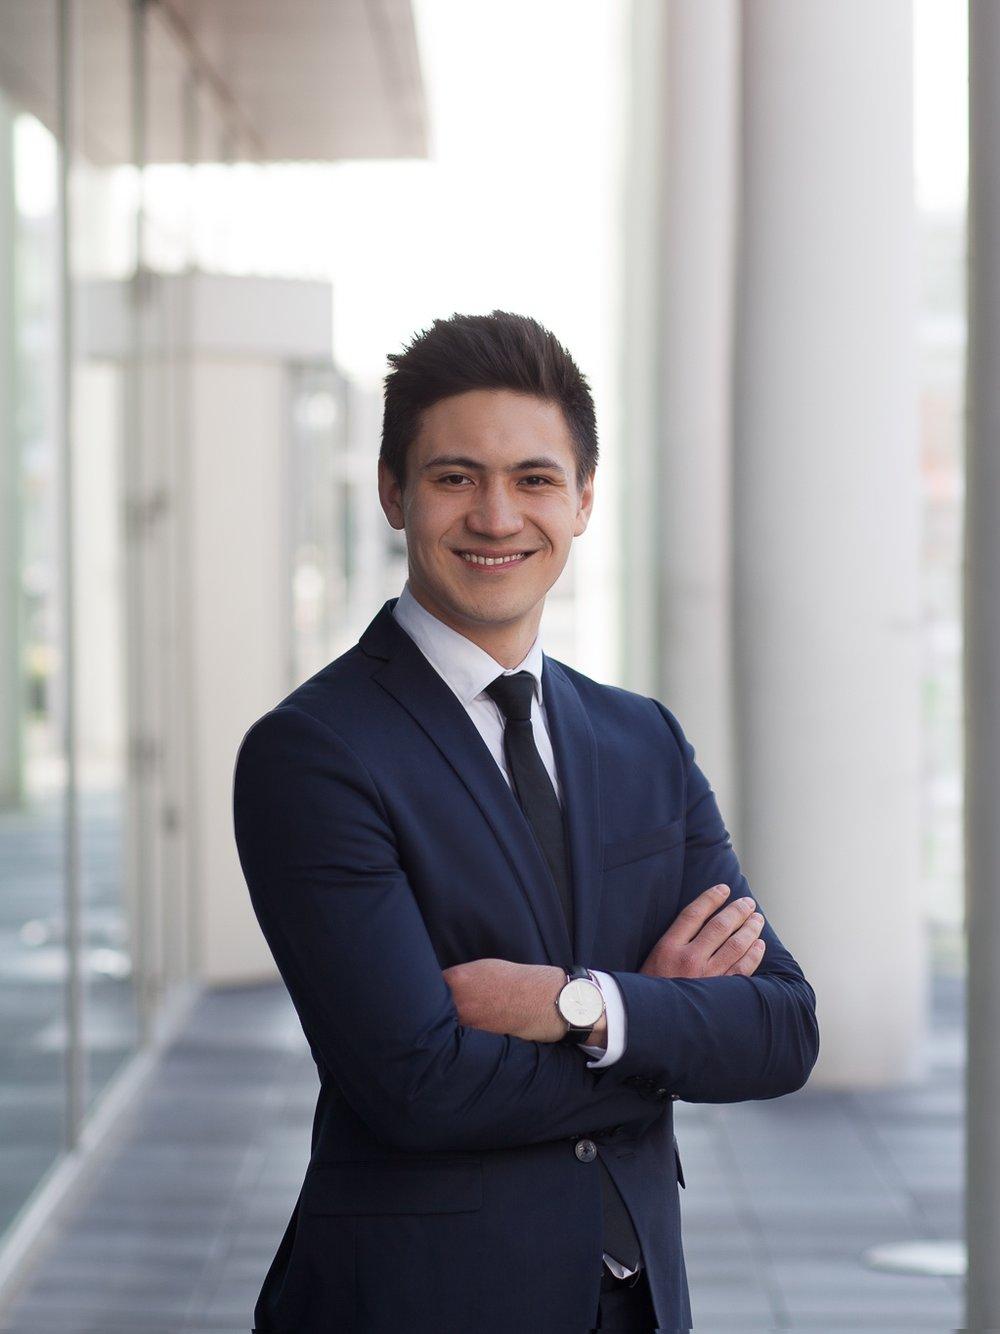 David Reuter - Chief Executive Officer